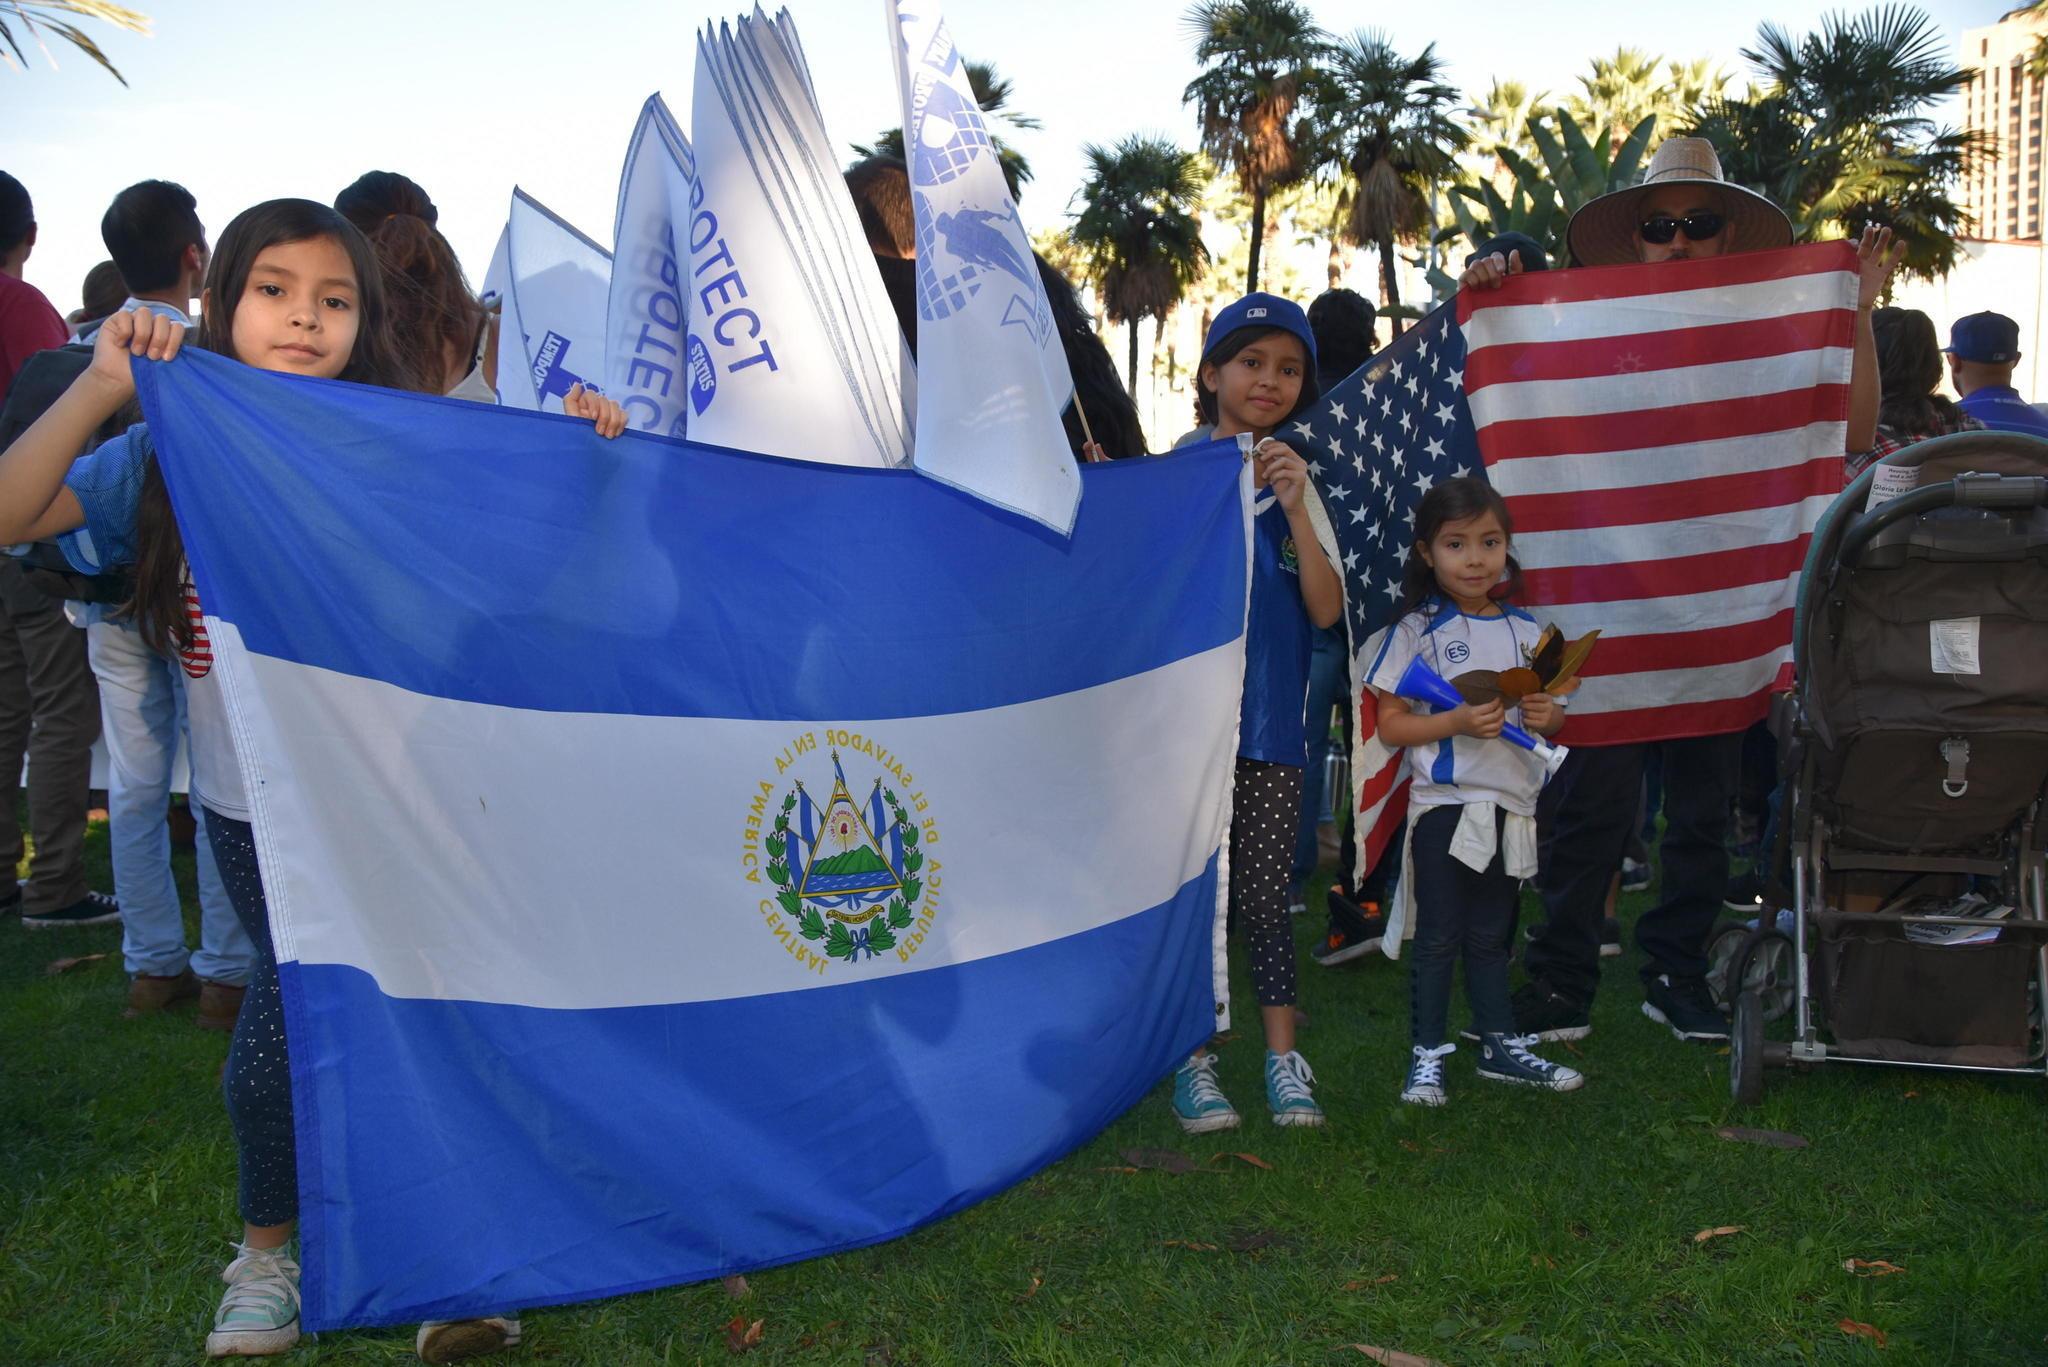 Ct-hoy-el-fin-del-tps-salvadoreno-una-oportunidad-para-conseguir-ley-migratoria-20180118